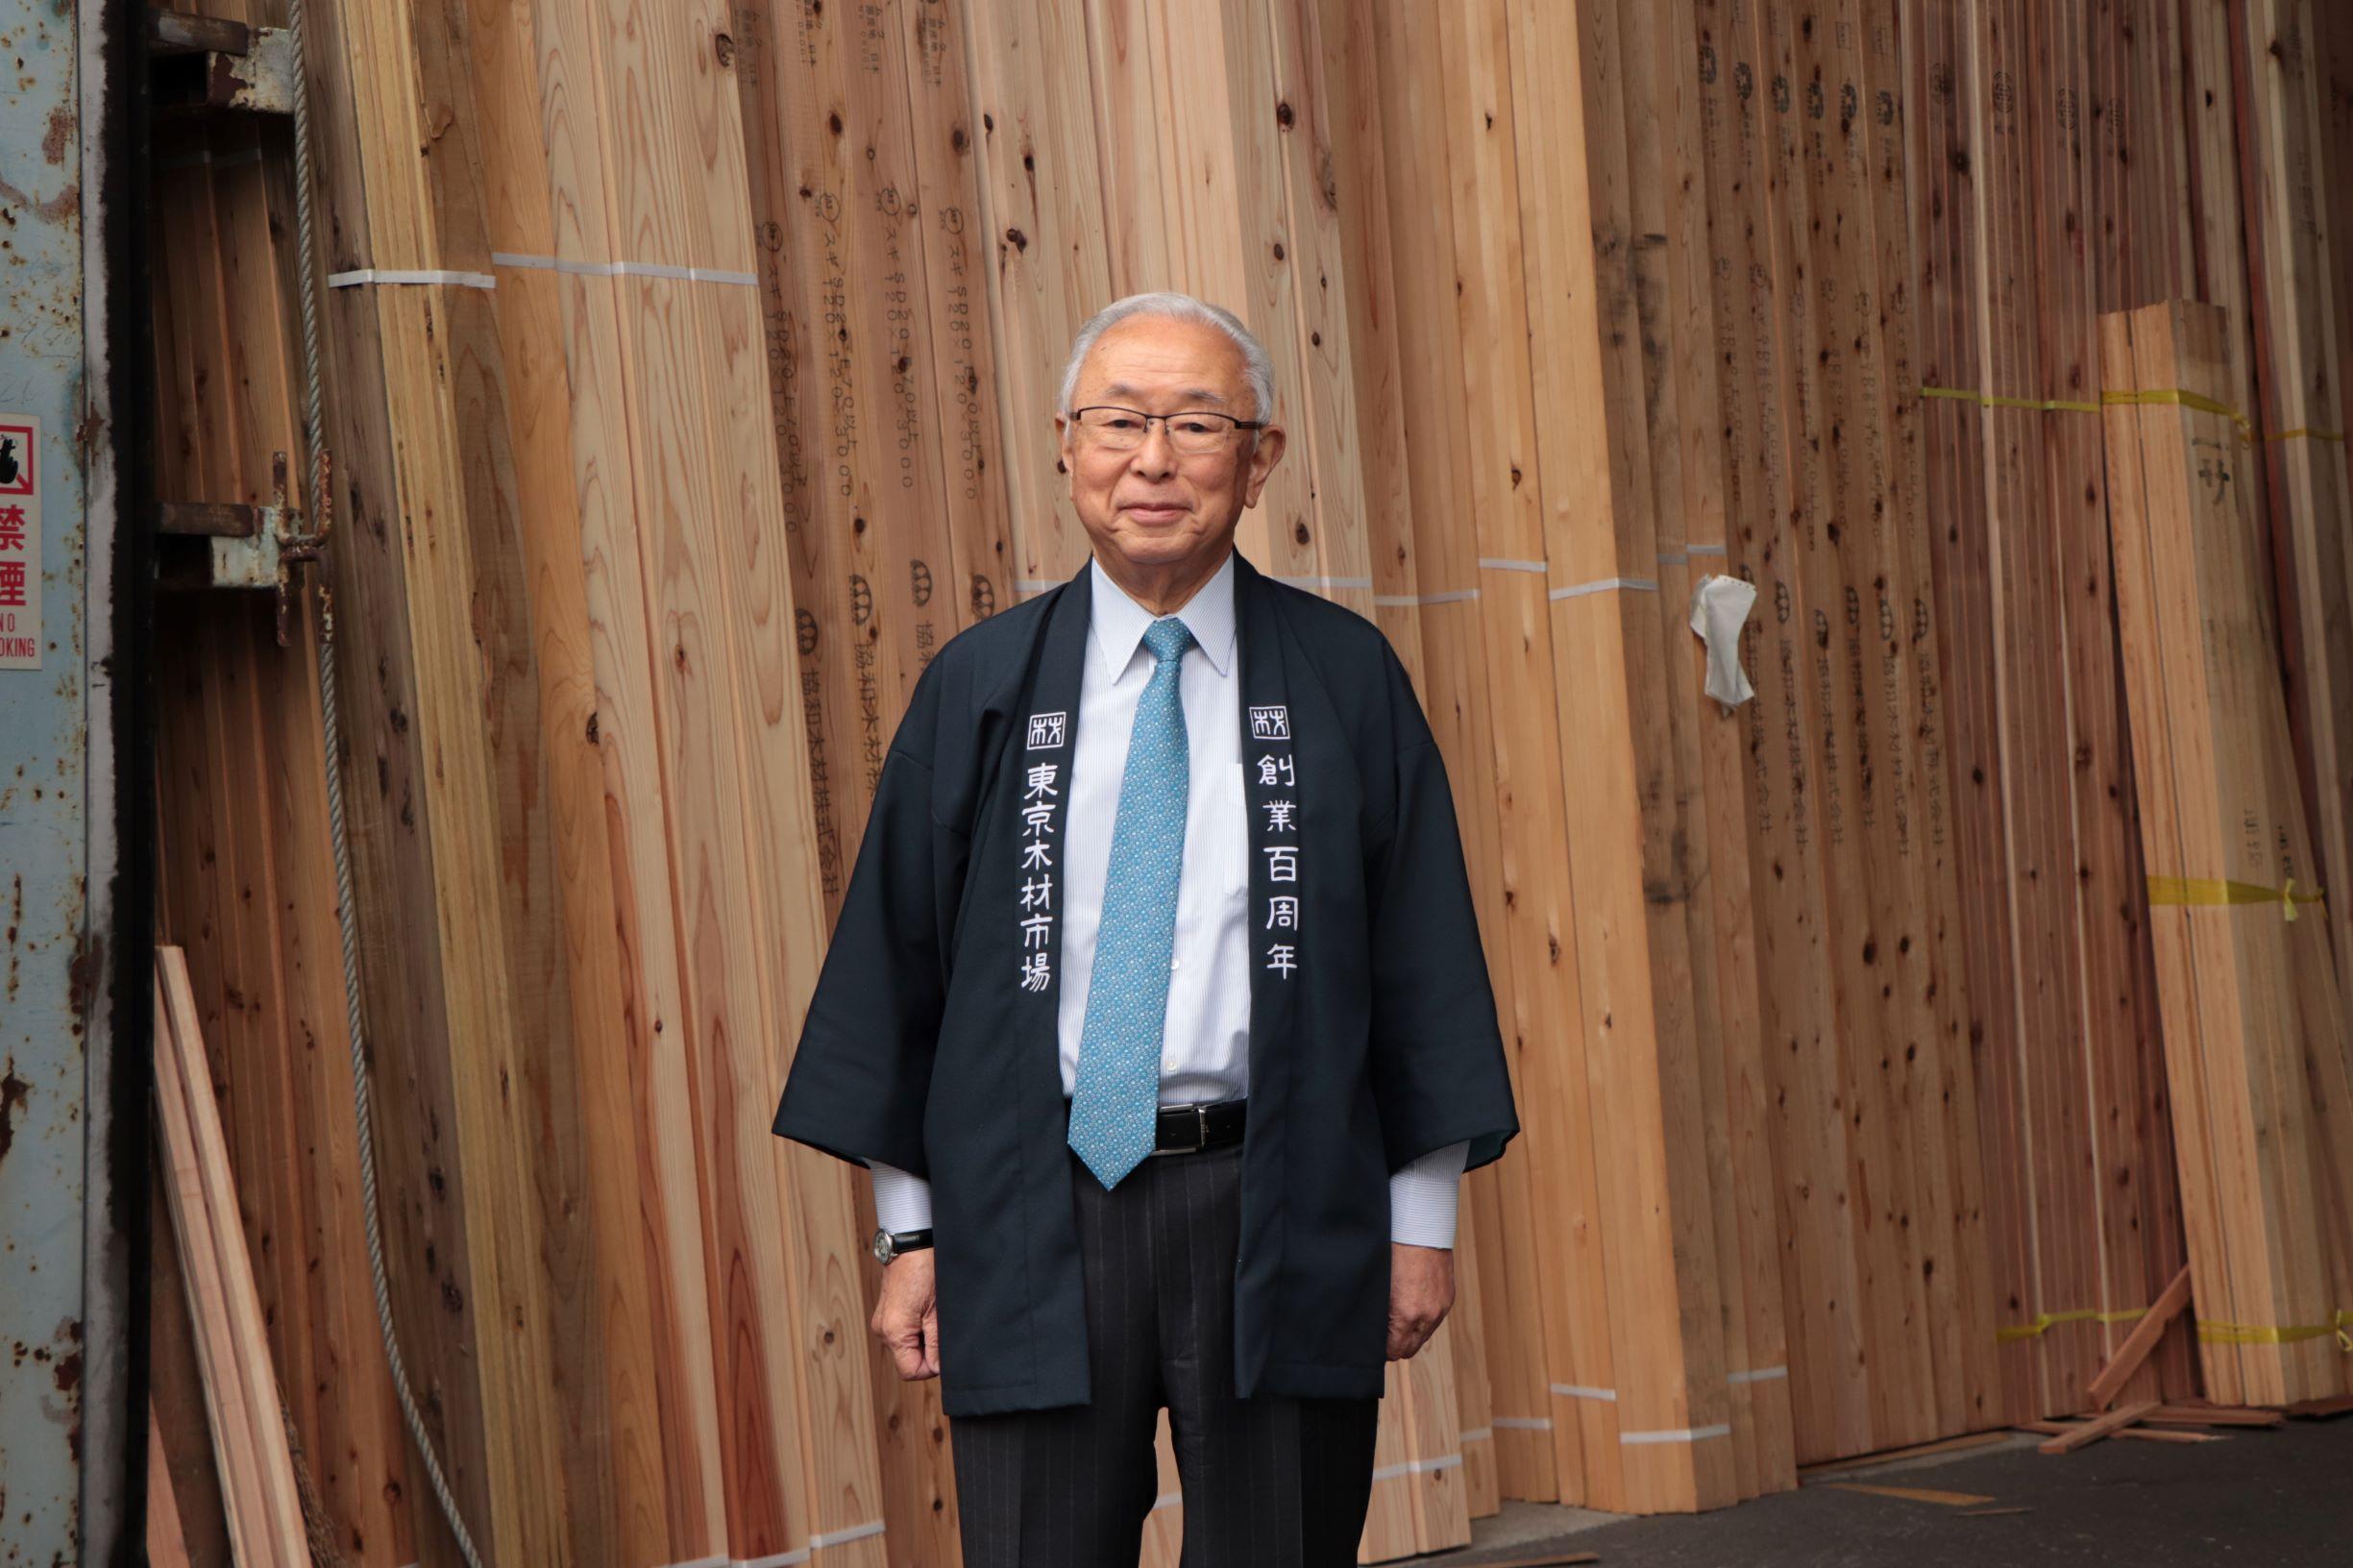 """[江東這個市鎮那個人]江戶川木材工業株式會社會長市川英治""""東京木材市場""""的總經理擔當的市川。"""